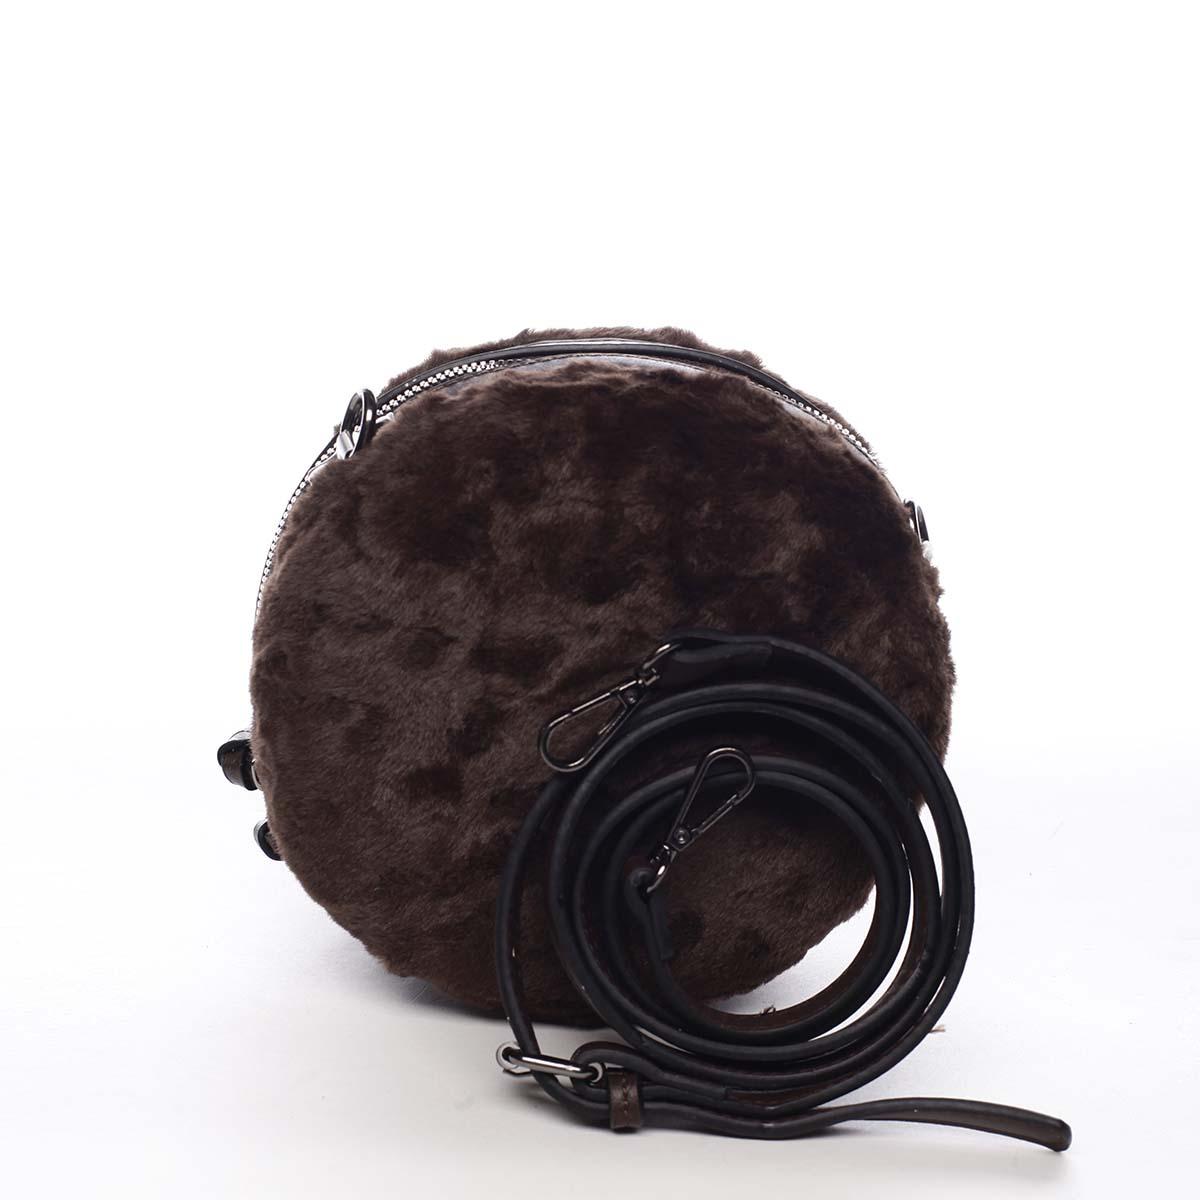 Dámská kožešinová kabelka kávově hnědá - Maria C Cheer